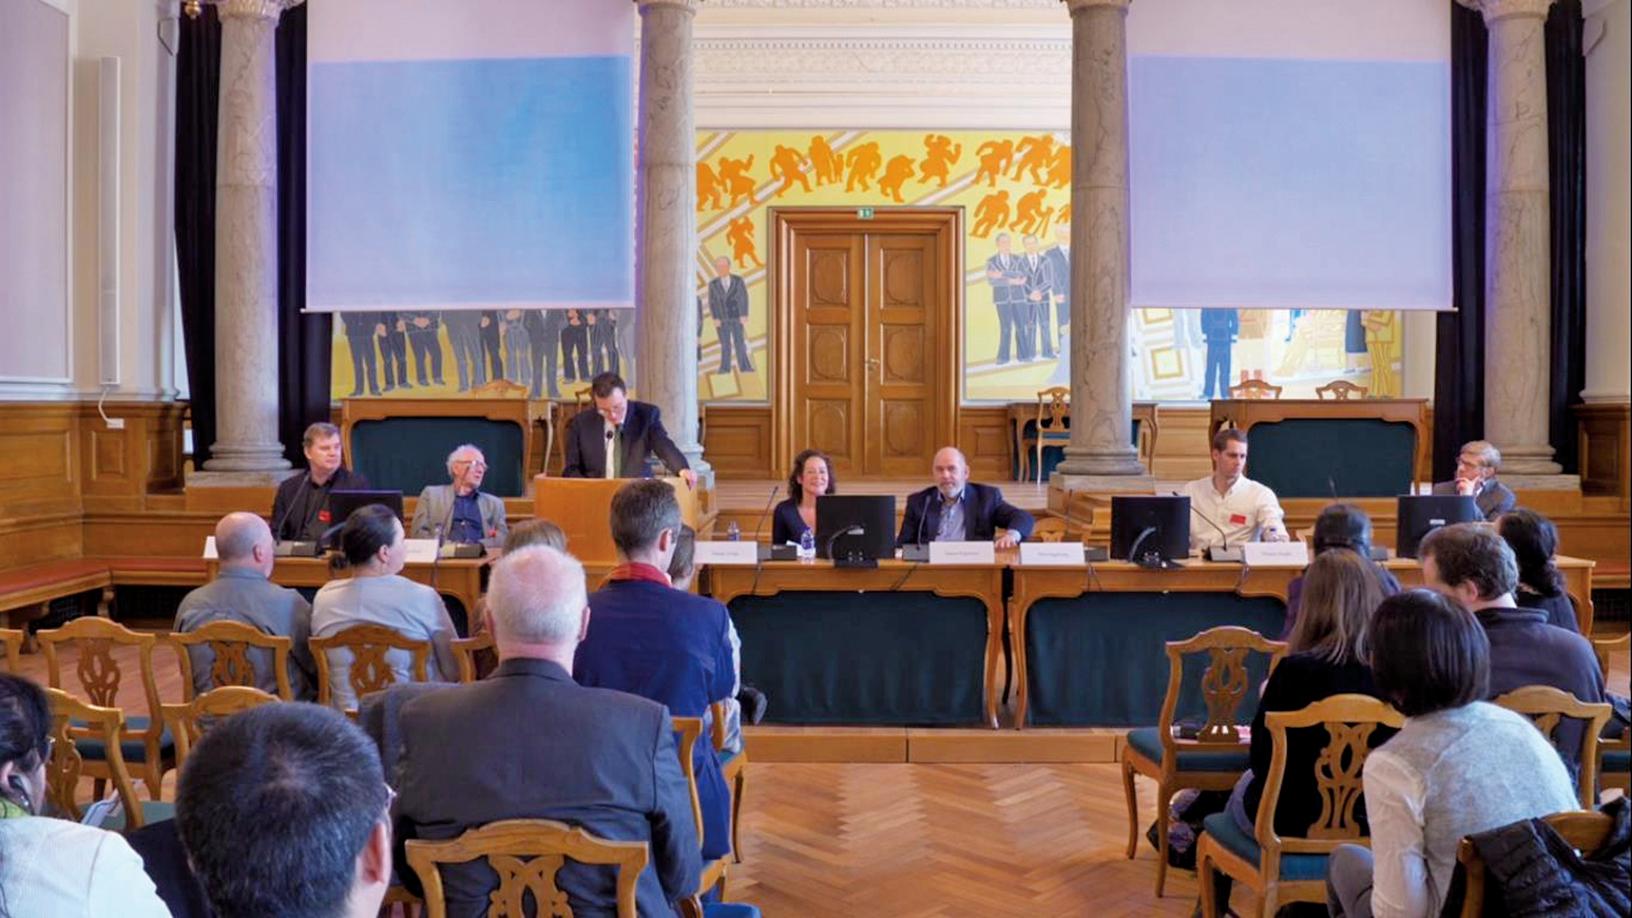 4月4日,由丹麥議員主持的一個研討會在國會召開,來自丹麥各界的專家學者紛紛發言。(Tobias/大紀元)